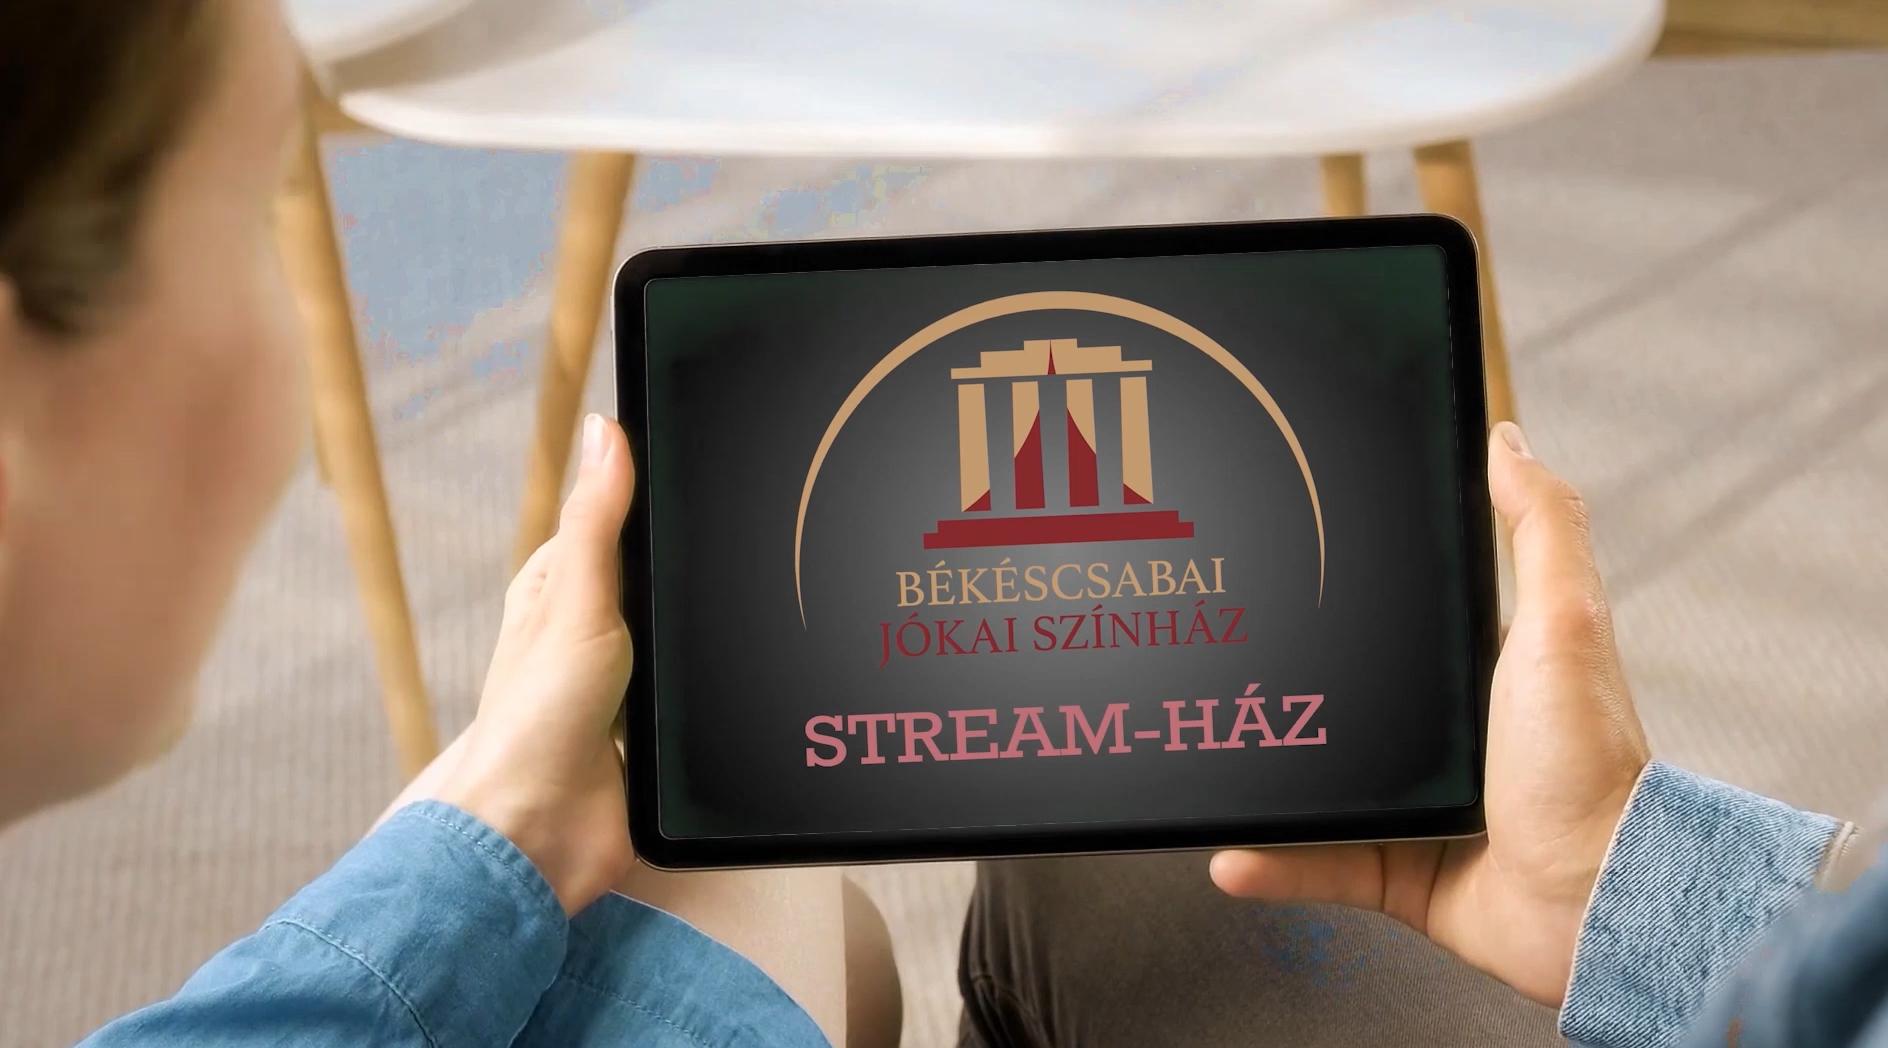 Stream előadások és új darabok próbái is zajlanak a Békéscsabai Jókai Színházban